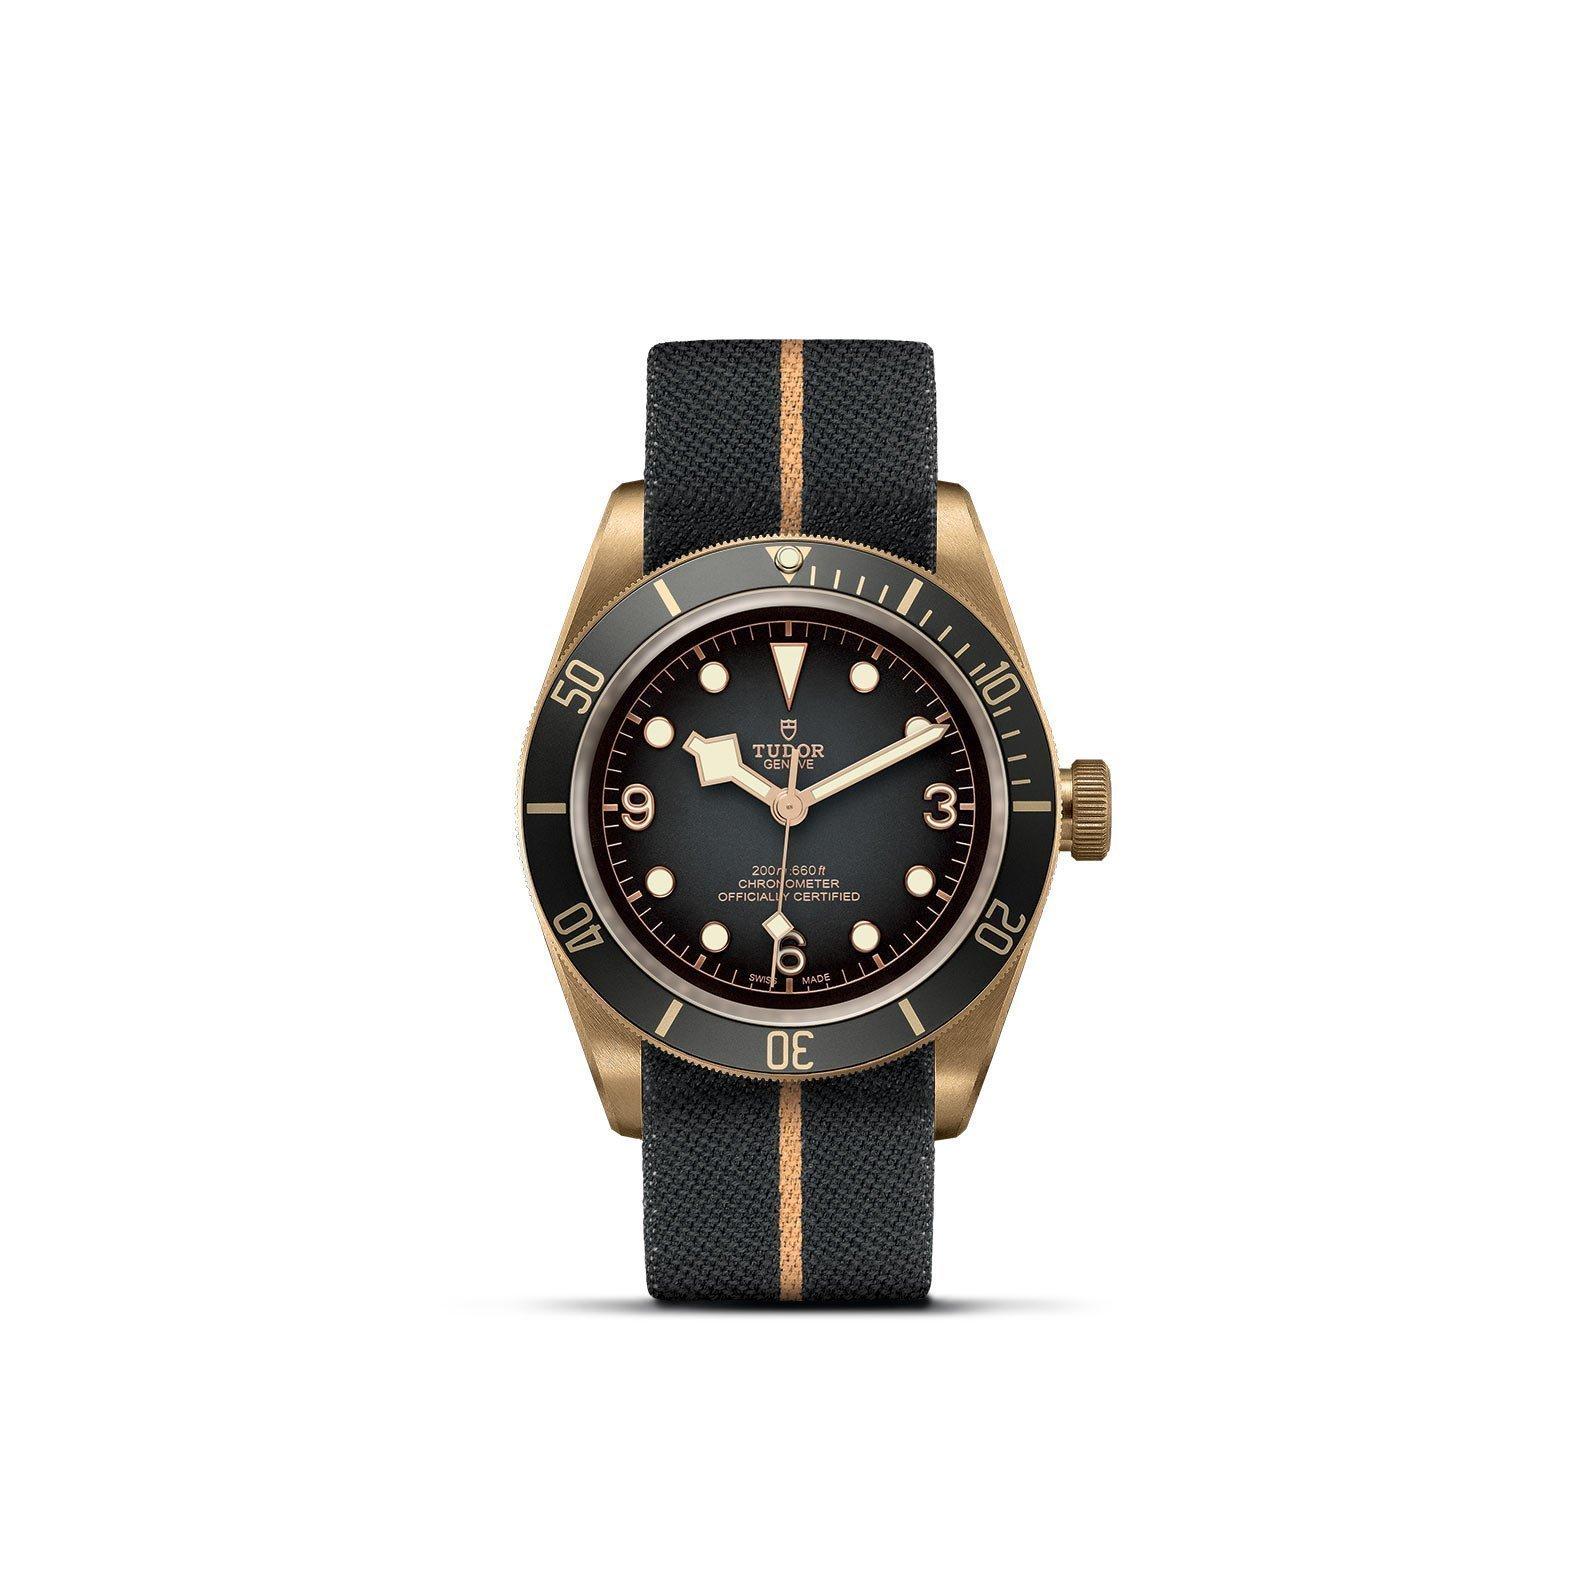 Montre TUDOR Black Bay Bronze boîtier en bronze, 43mm, bracelet en tissu vue 1